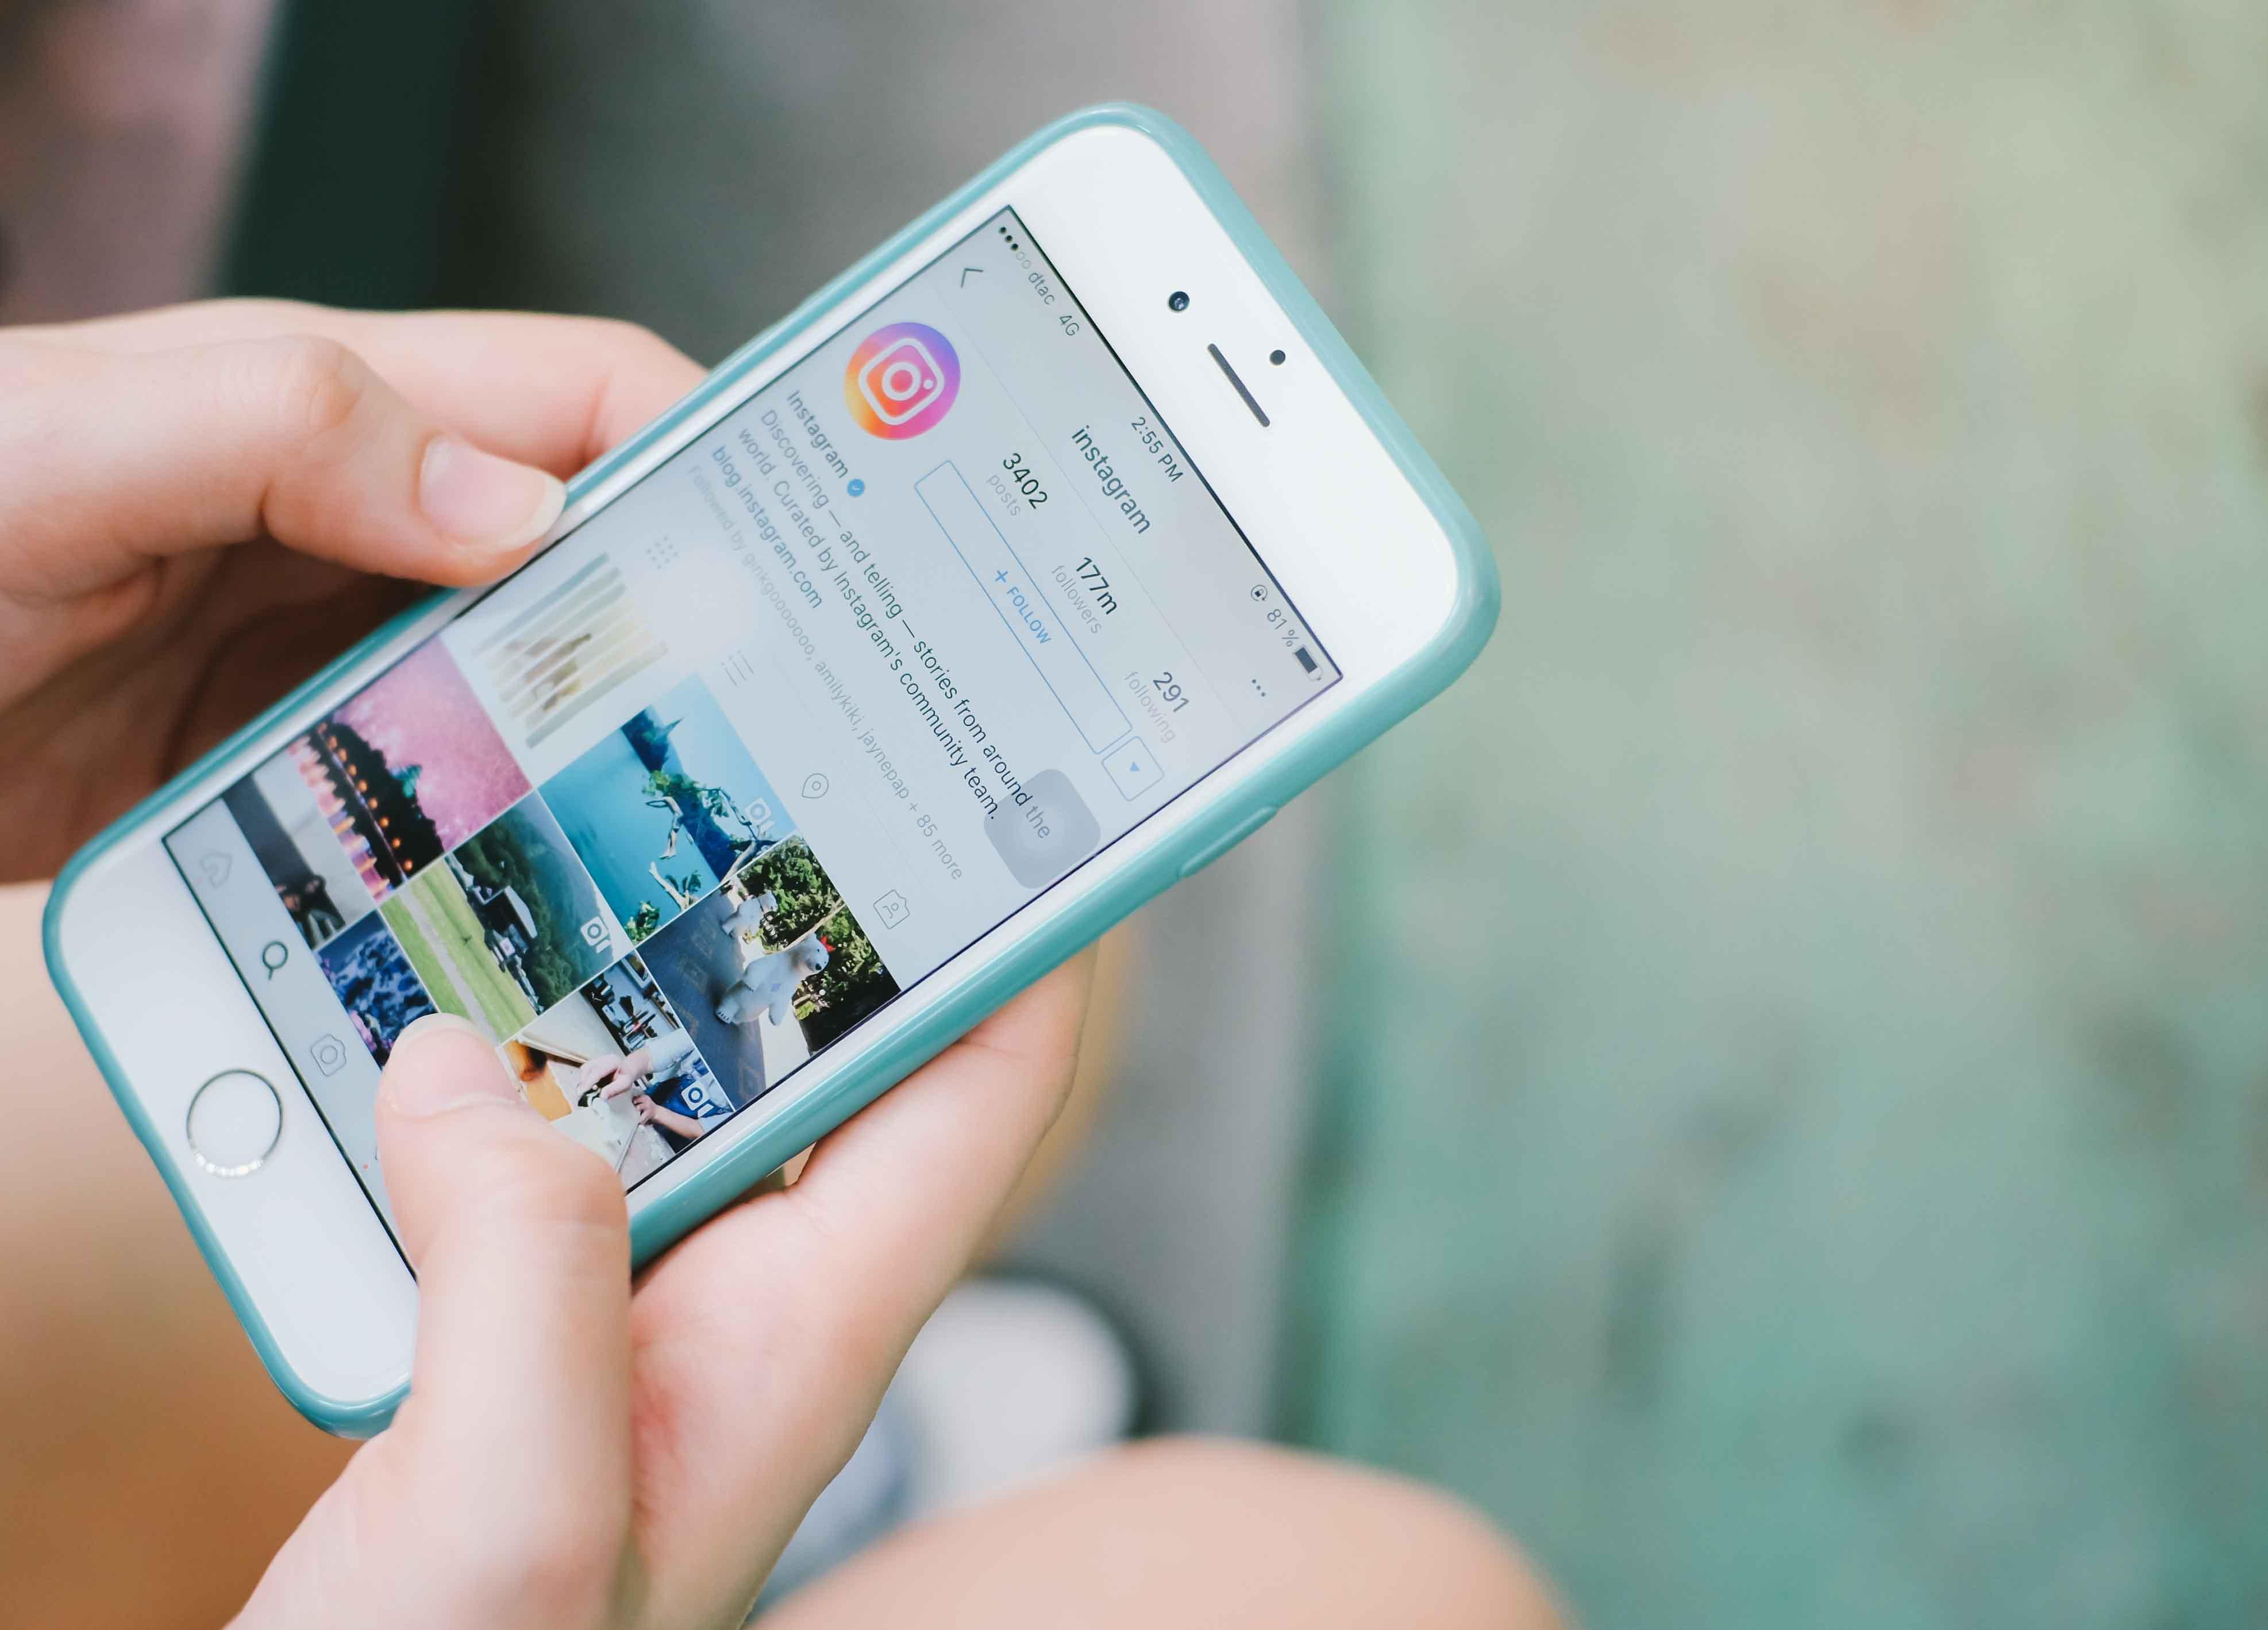 iPhone con Instagram abierto